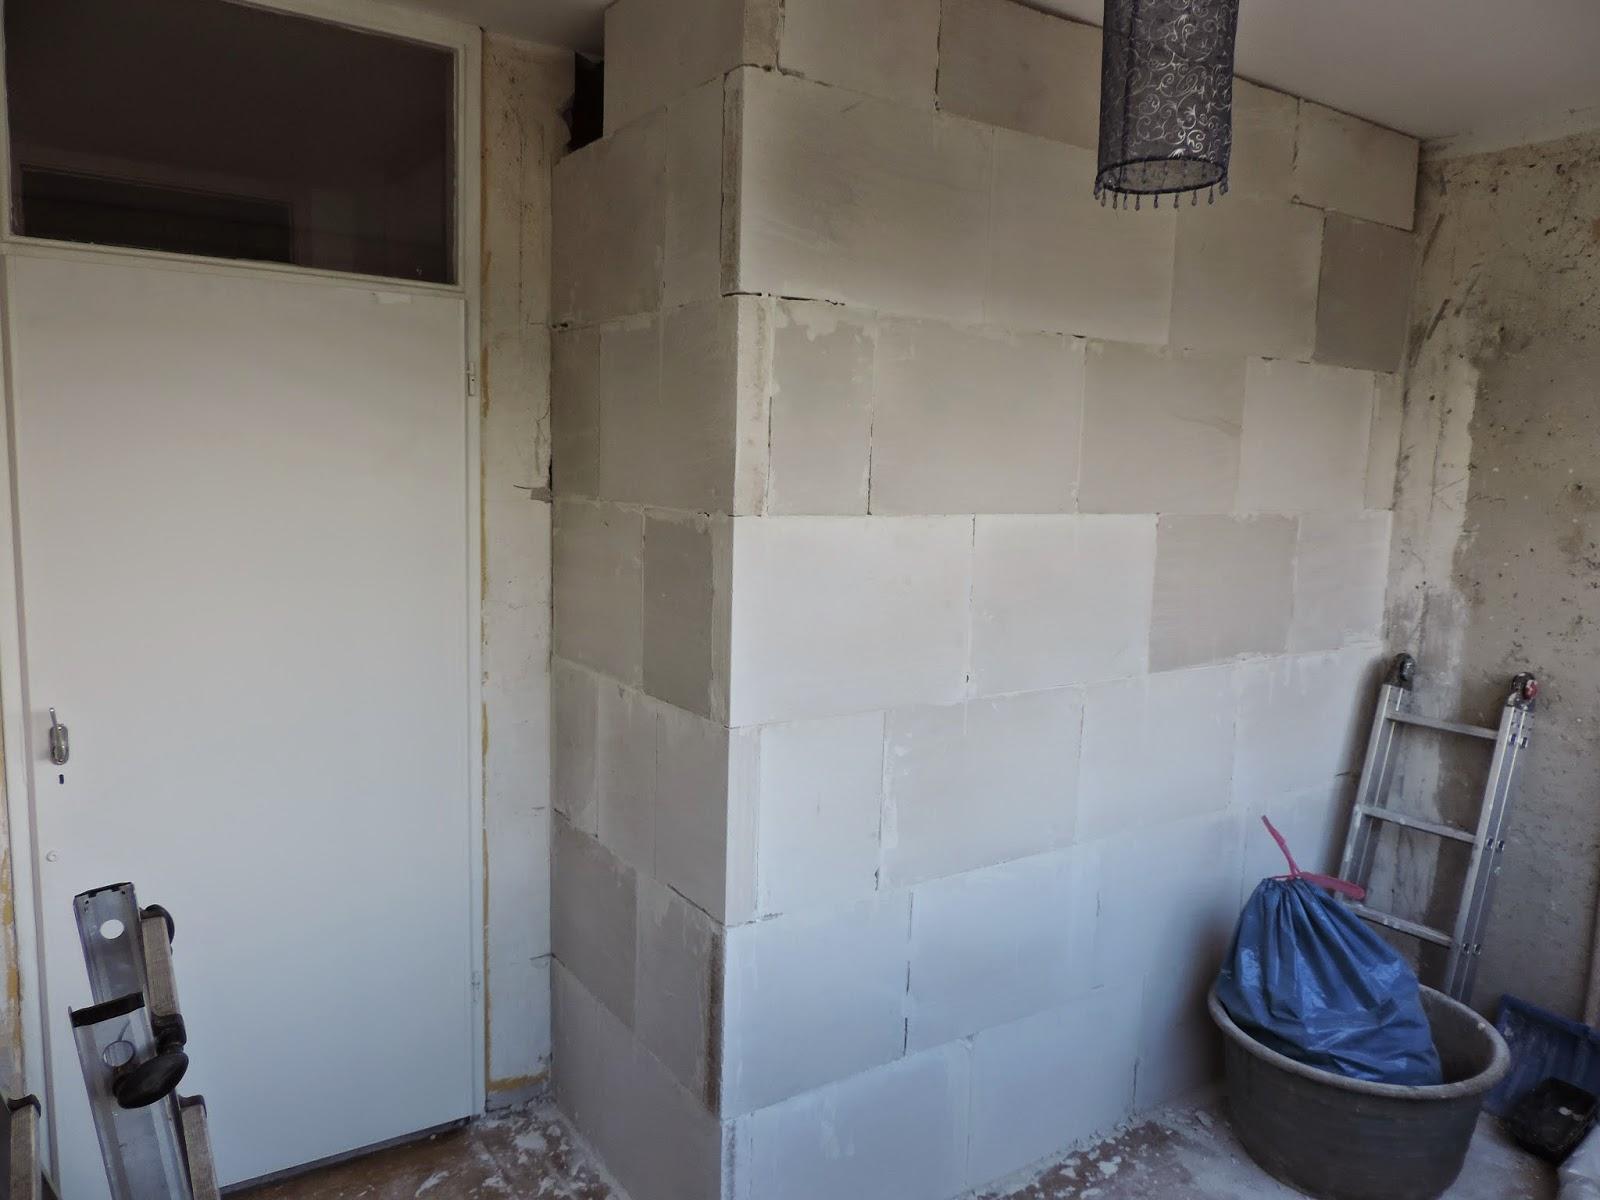 Mijn leven in beeld: Badkamer verbouwing